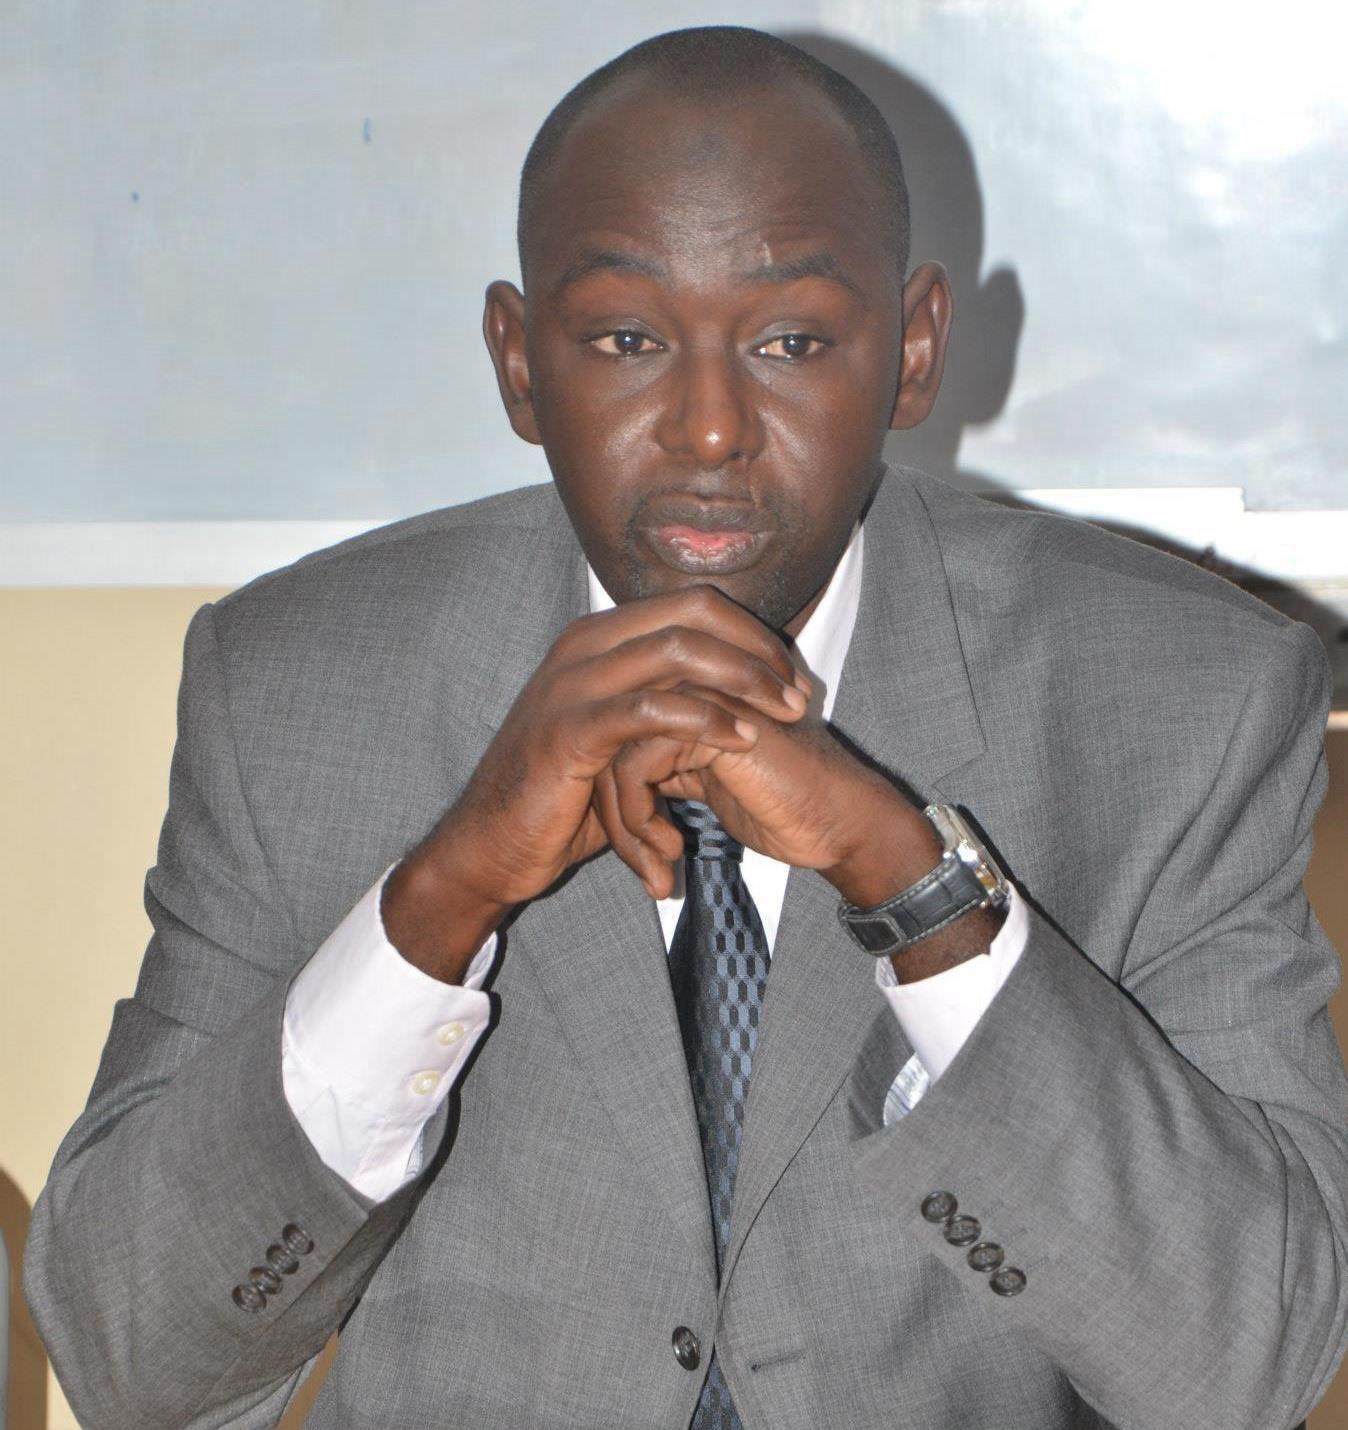 Lettre à Monsieur Macky Sall : « Vos actions sur le littoral sont salutaires »